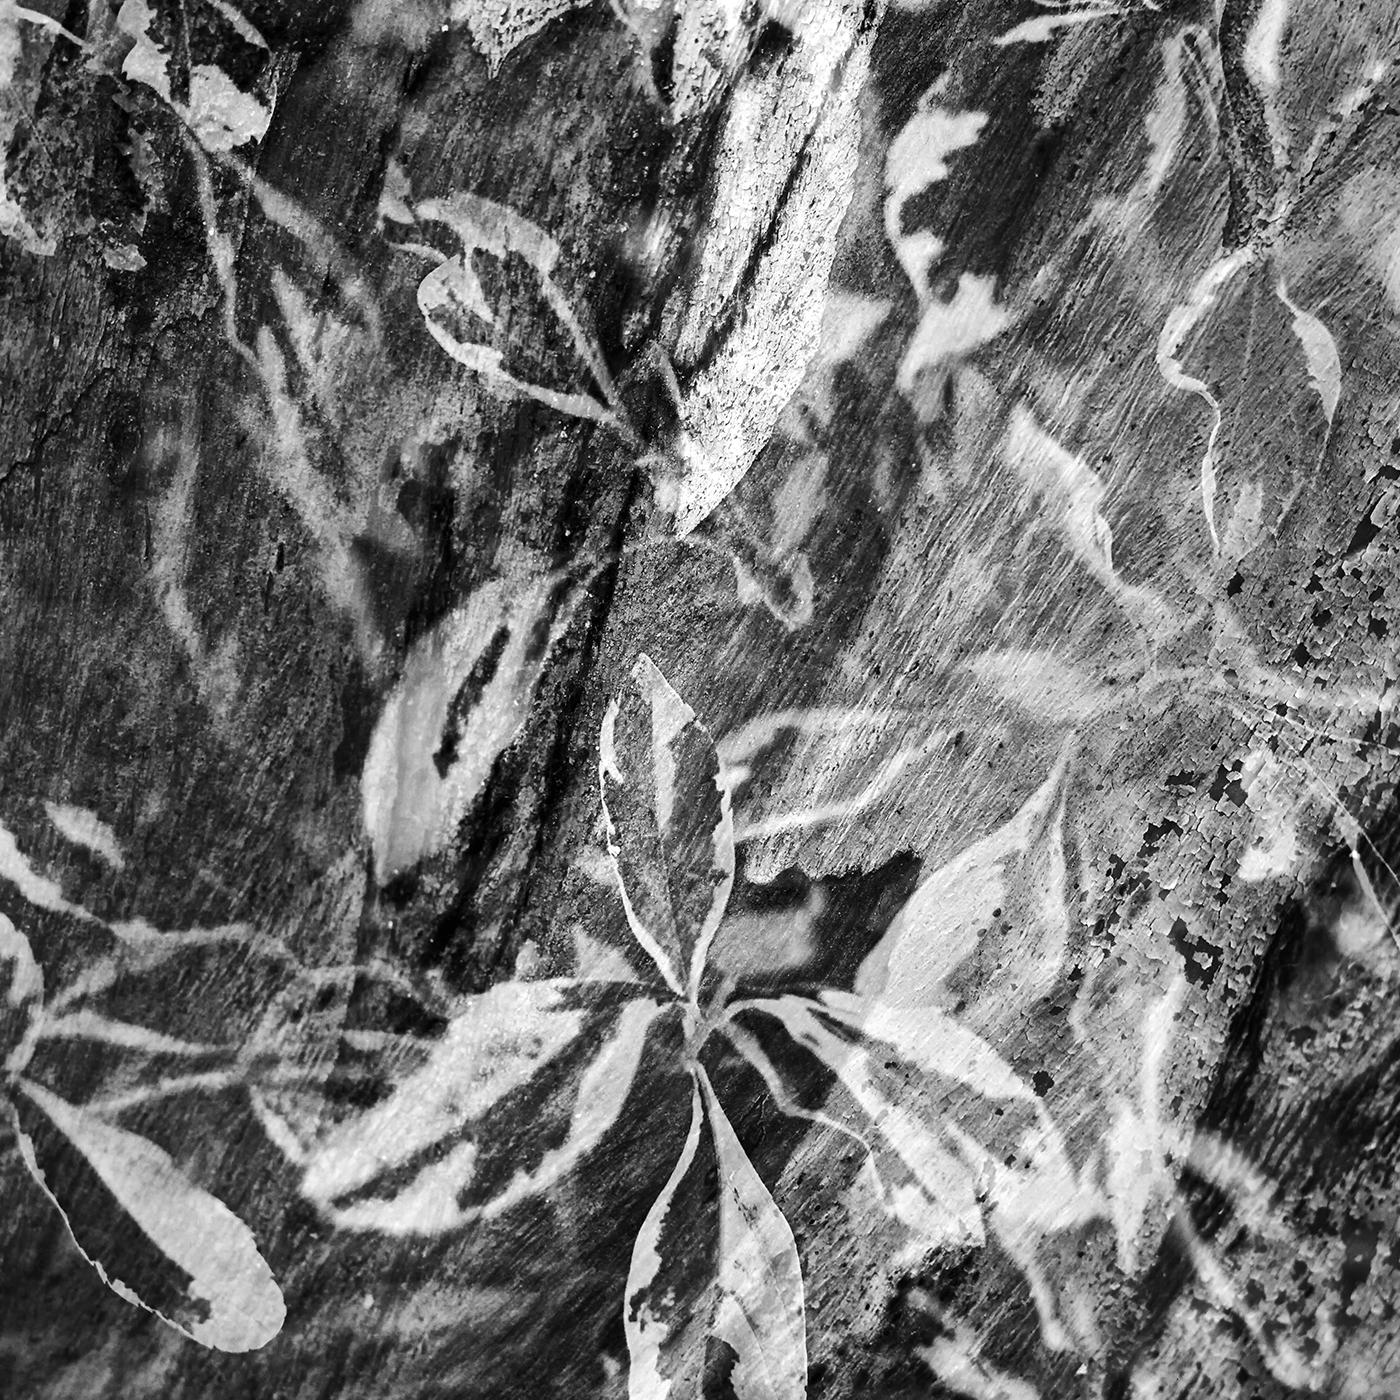 Leaves over Eucalyptus bark